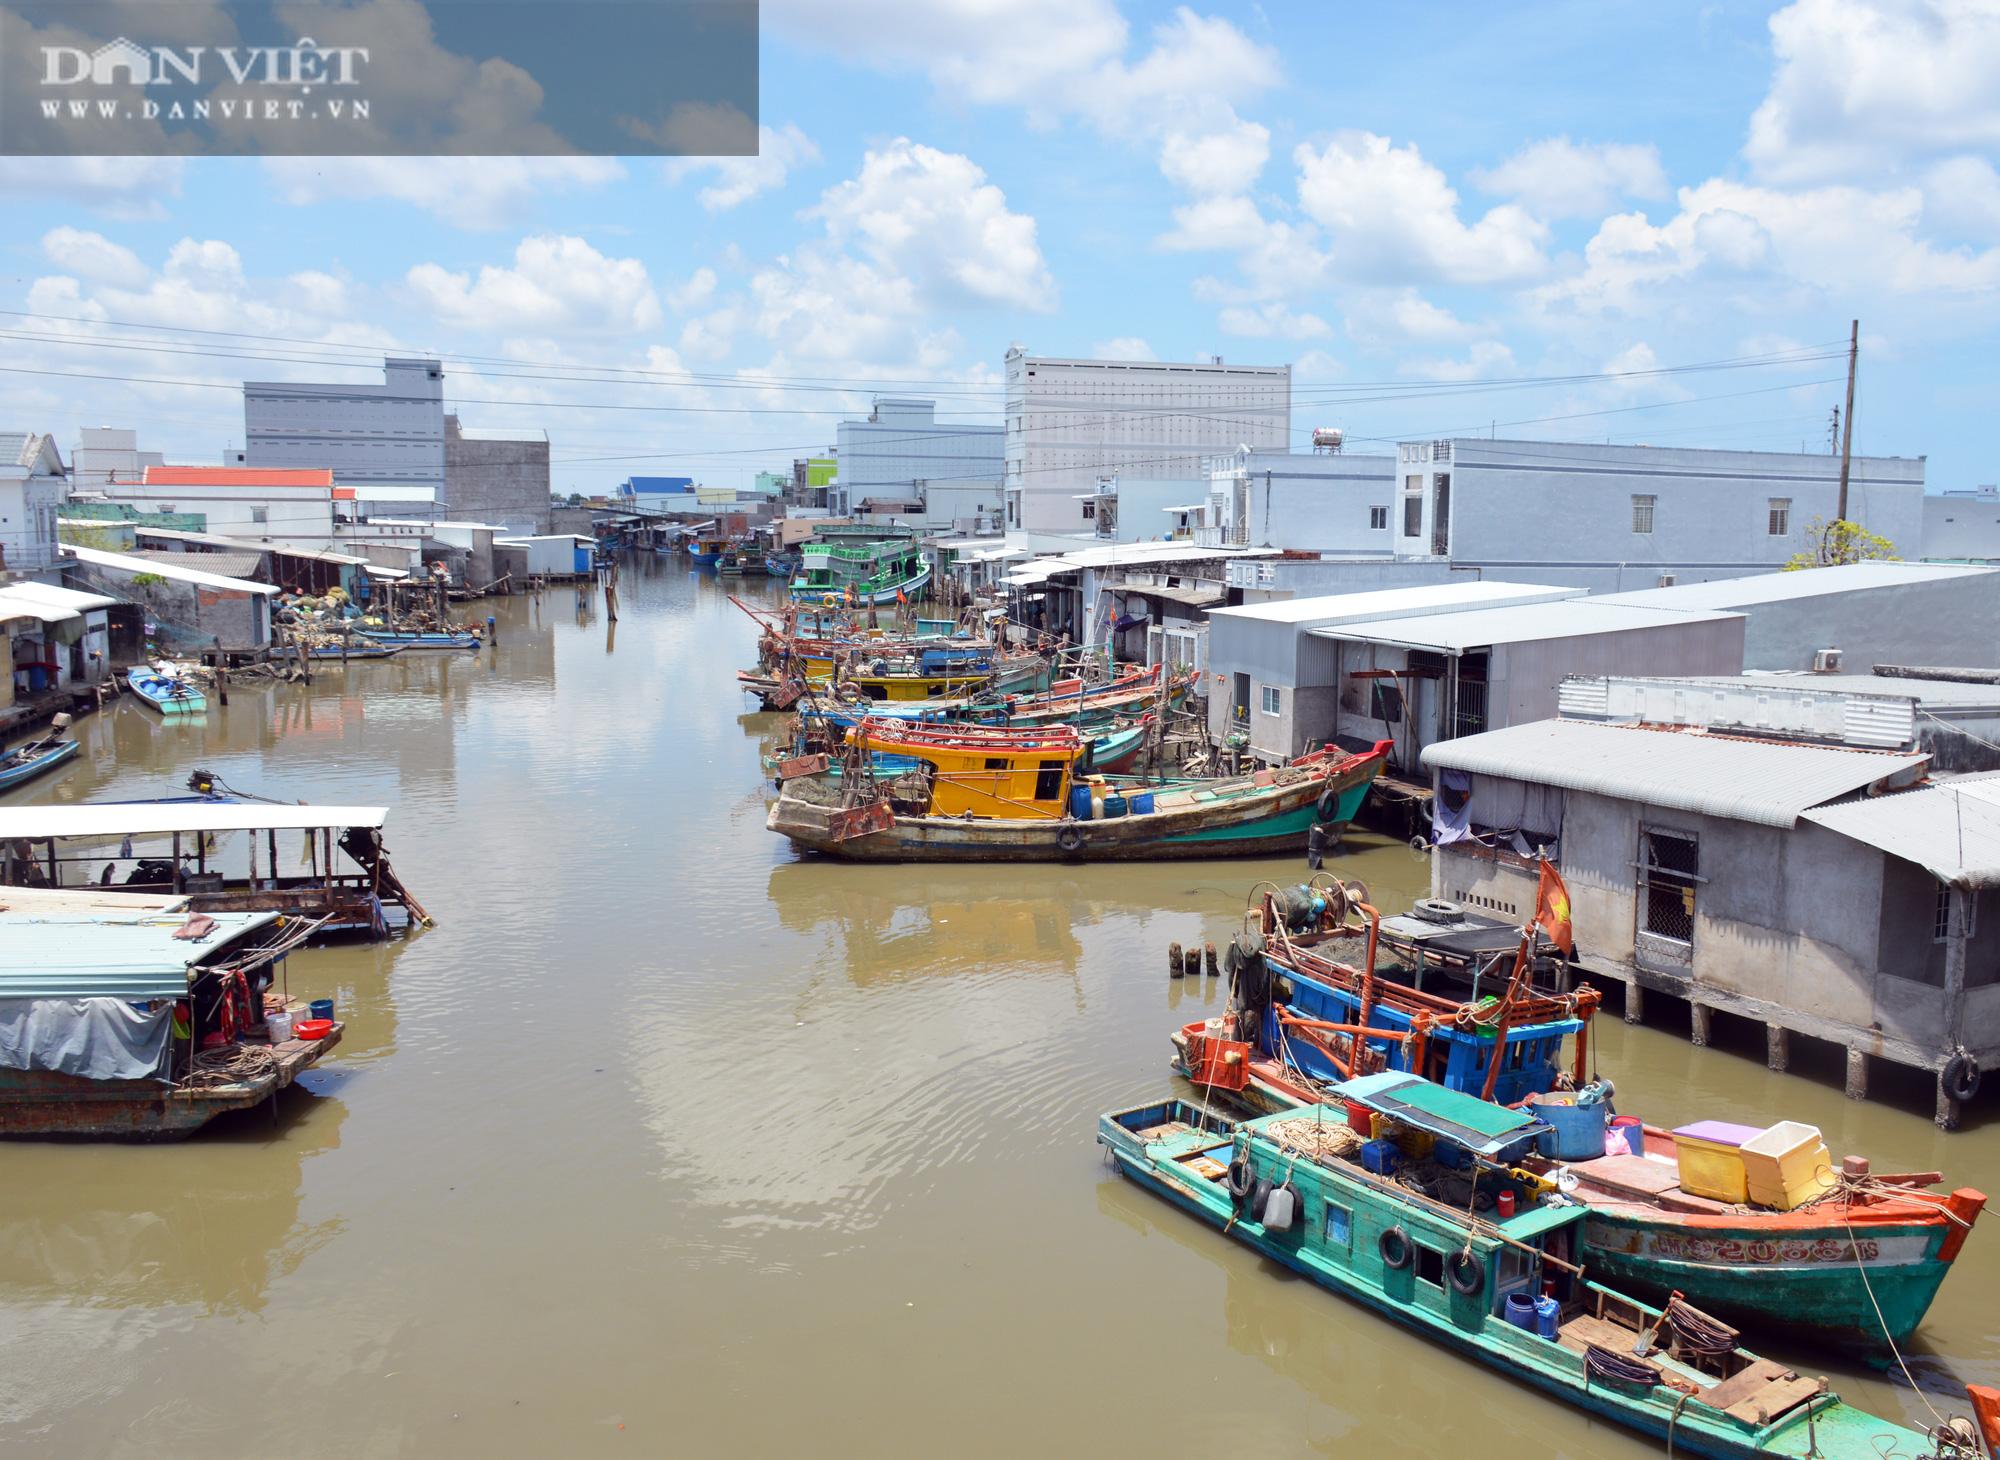 Cà Mau: Dân phản ánh tình trạng mua bán ngư trường, bất cập về chứng nhận nguồn gốc thủy sản - Ảnh 4.